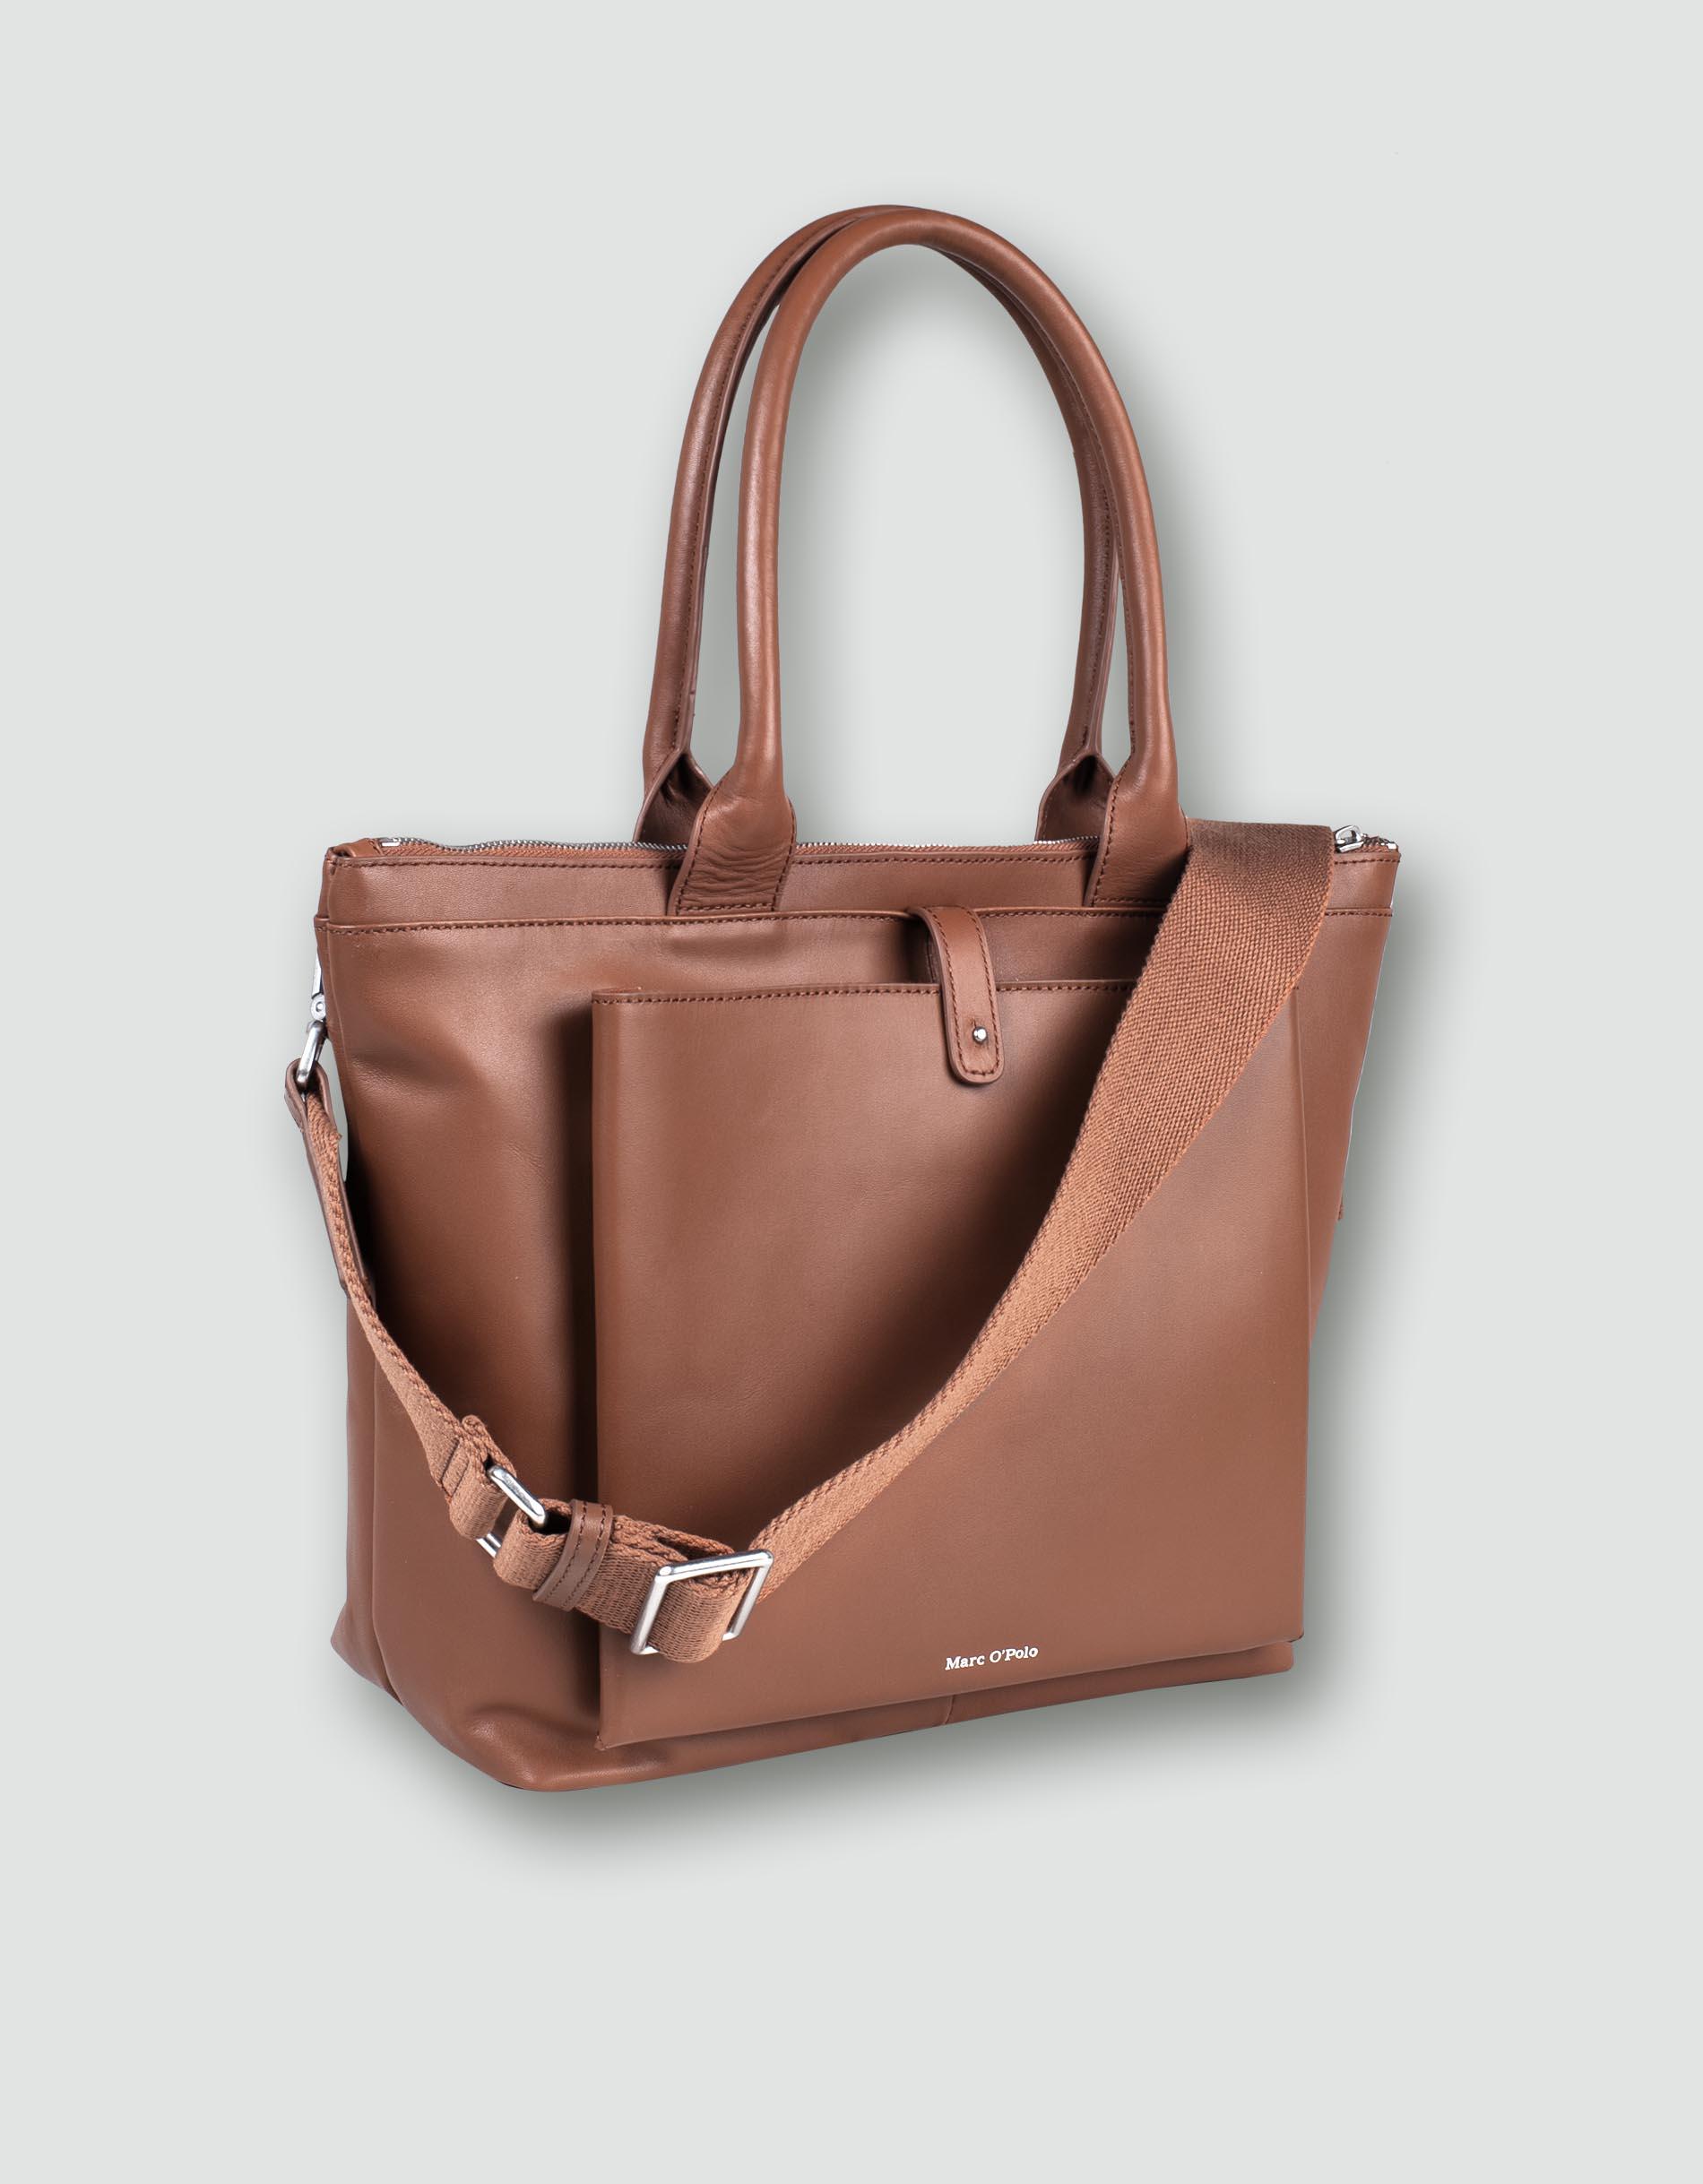 79e3c8e2aefe6 Marc O Polo Damen Tasche Hand mit Kontrastgurt empfohlen von Deinen ...